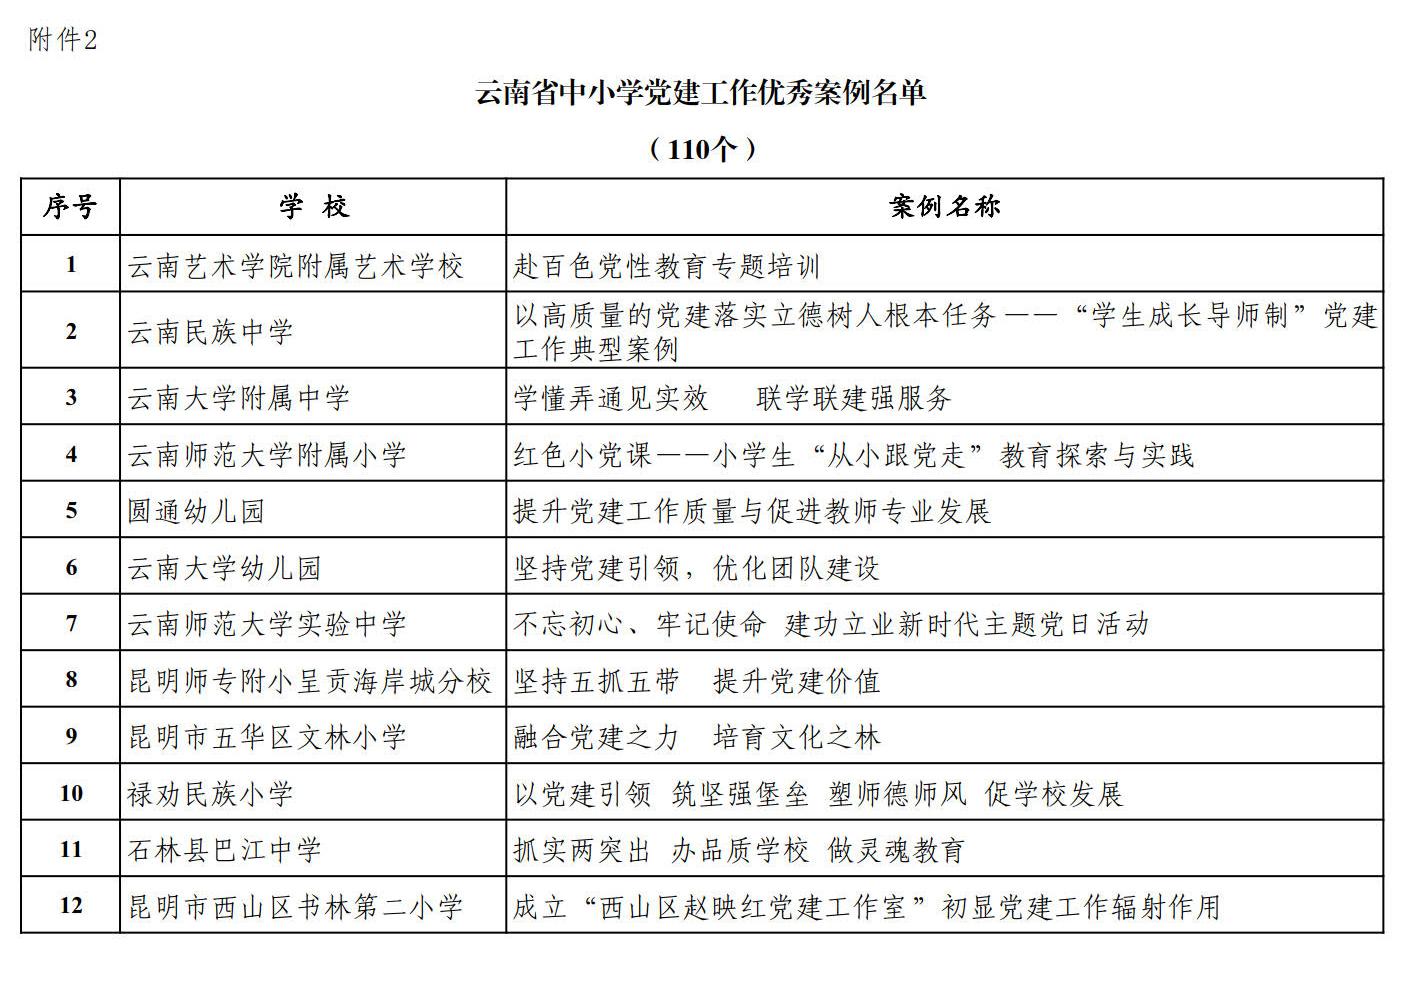 附件2 云南省中小学党建工作优秀案例名单.jpg